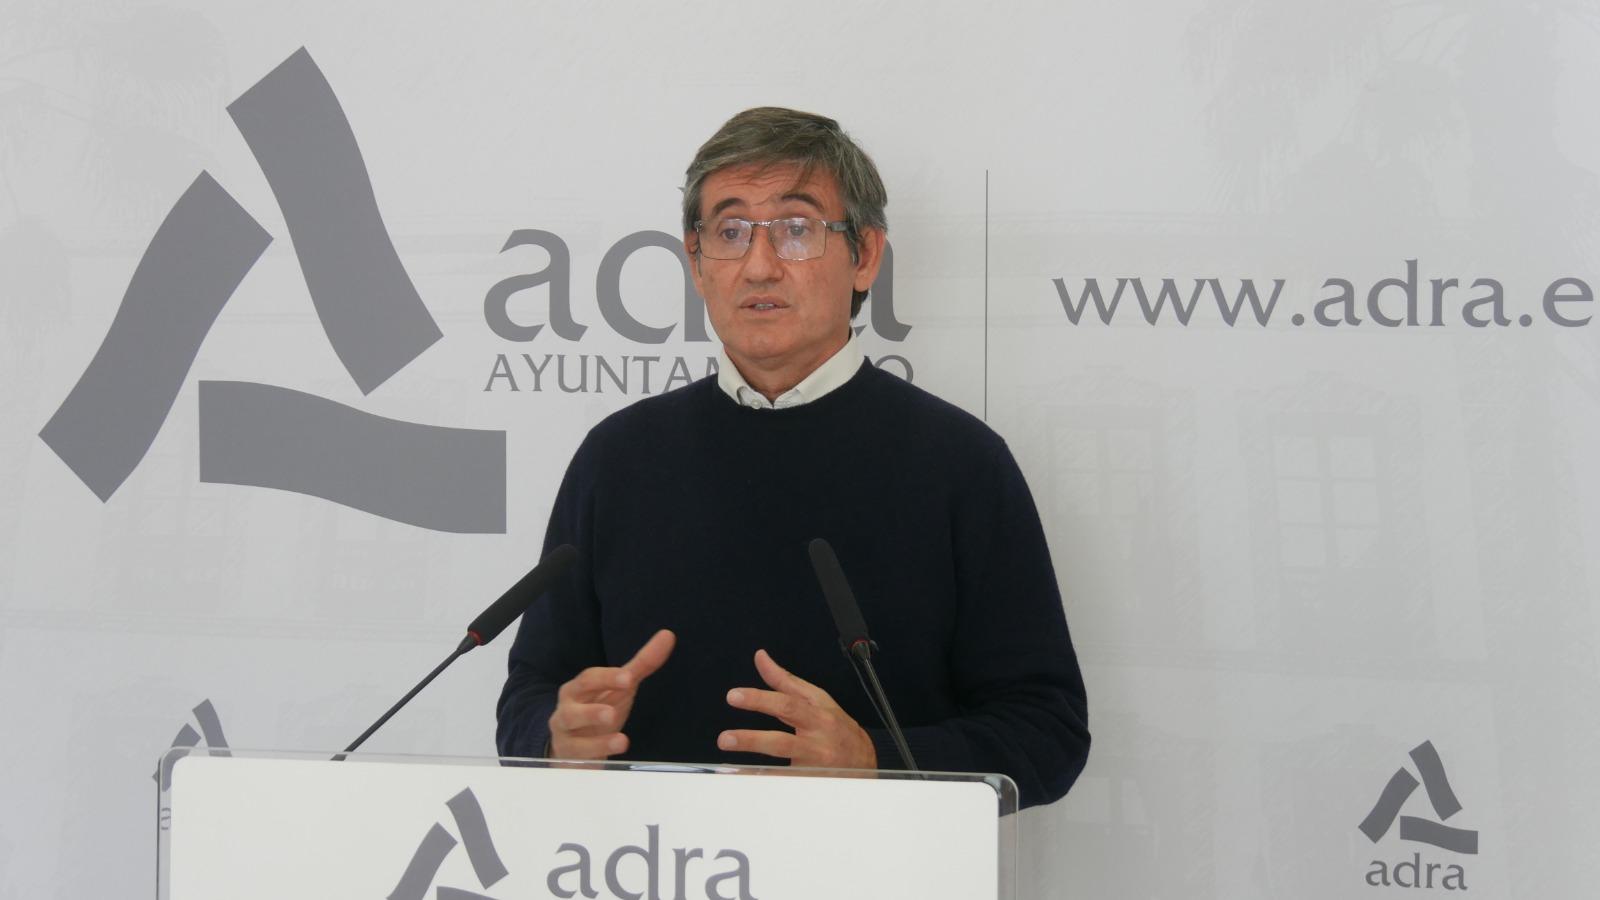 201216 Manuel Cortés pide _calma y responsabilidad_ tras analizar el brote declarado en Adra